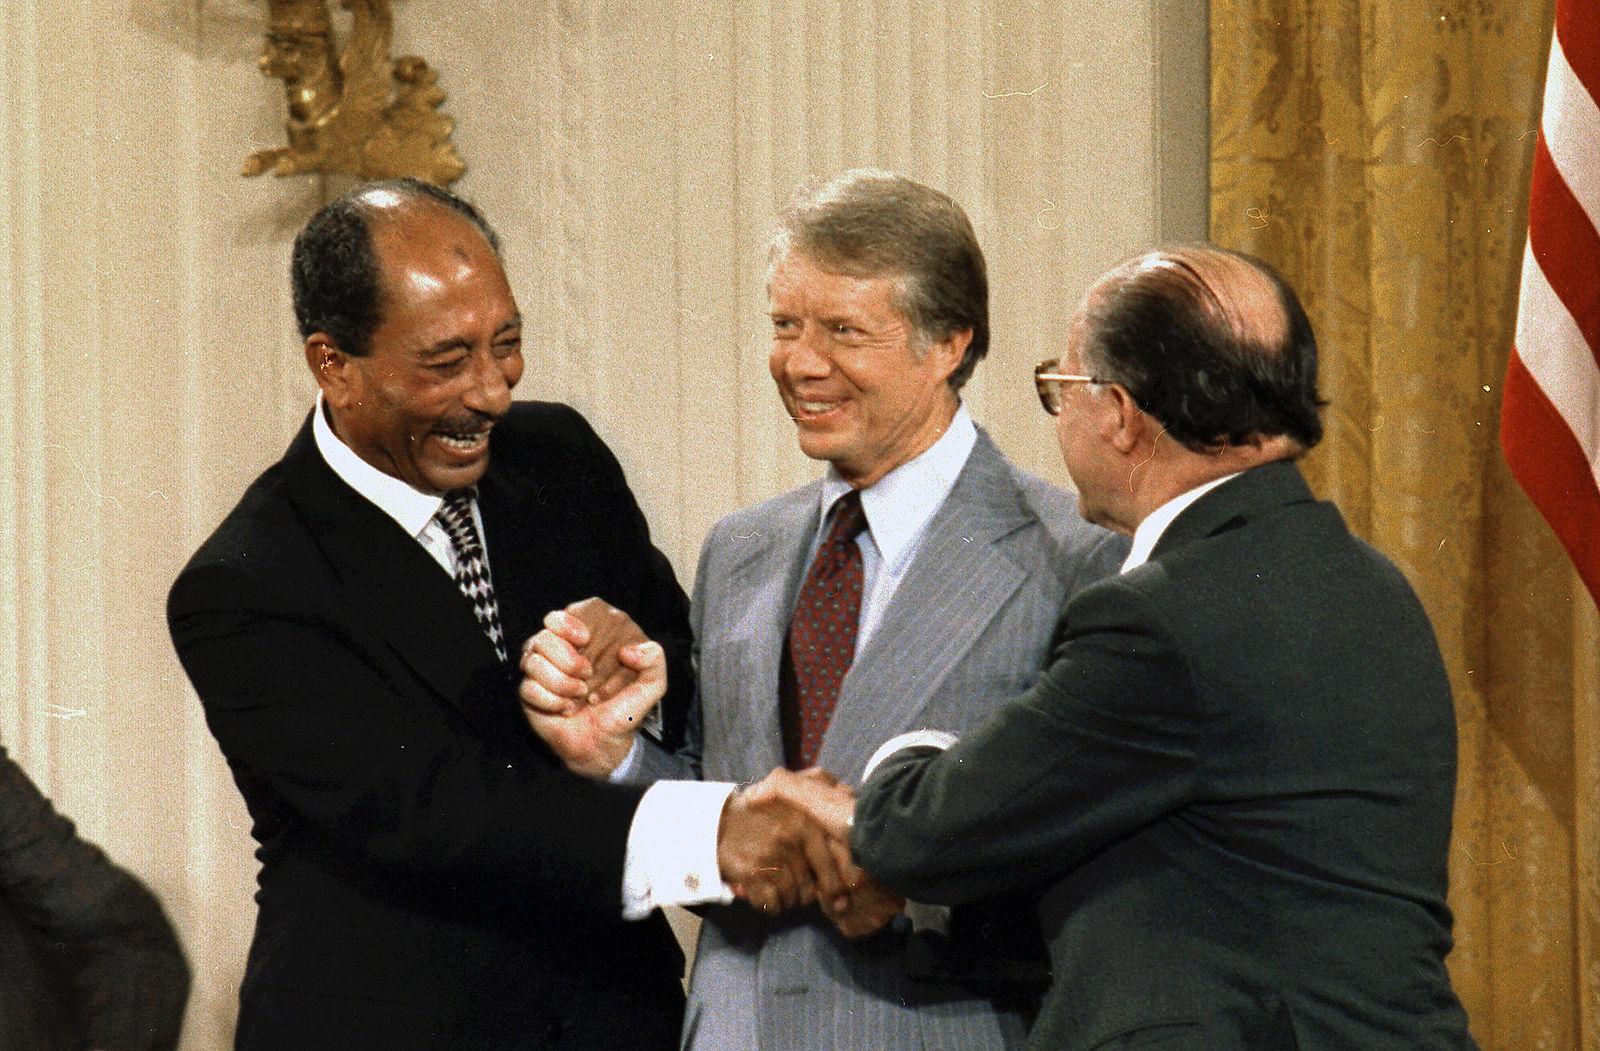 Accords de Camps David,1978, Anouar Al-Sadate, Jimmy Carter et Menahem Begin - Histoire - Terminale- SchoolMouv